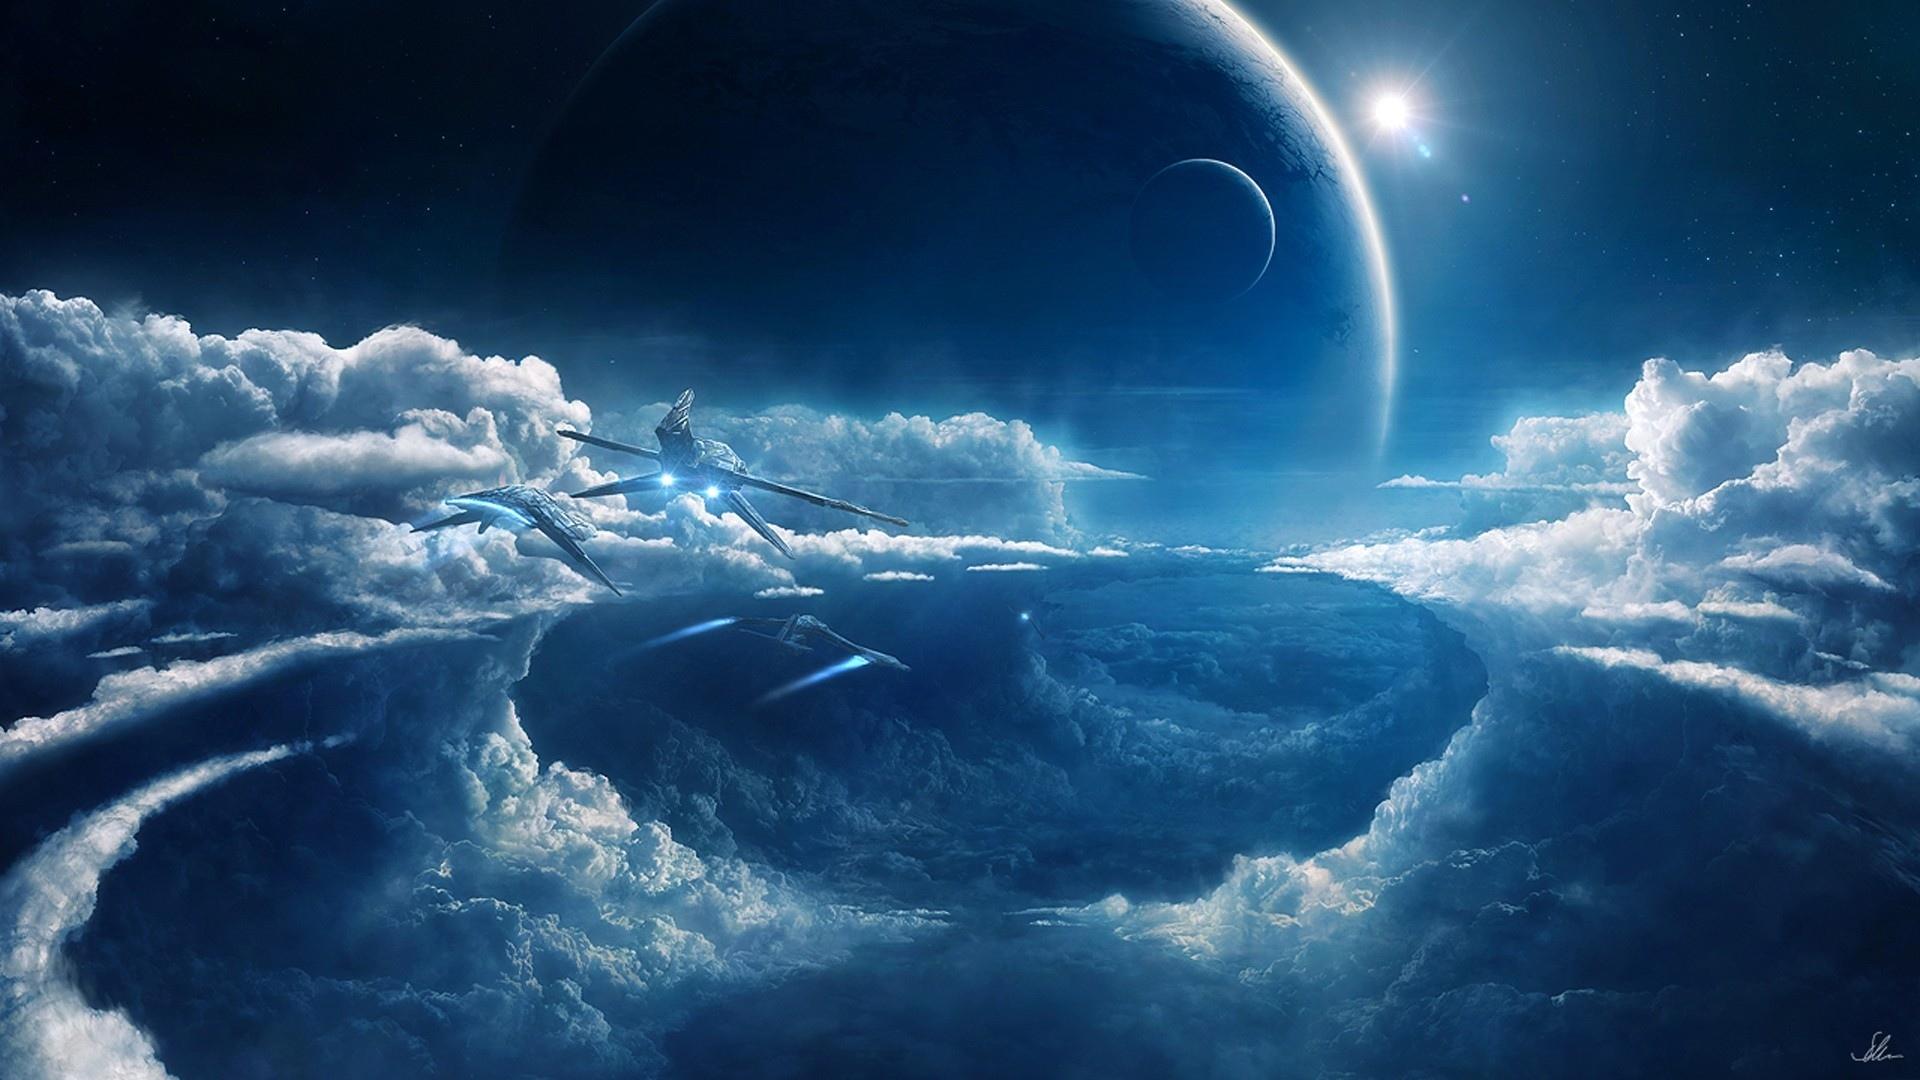 sci fi science futuristic spaceship spacecraft sky clouds flight 1920x1080